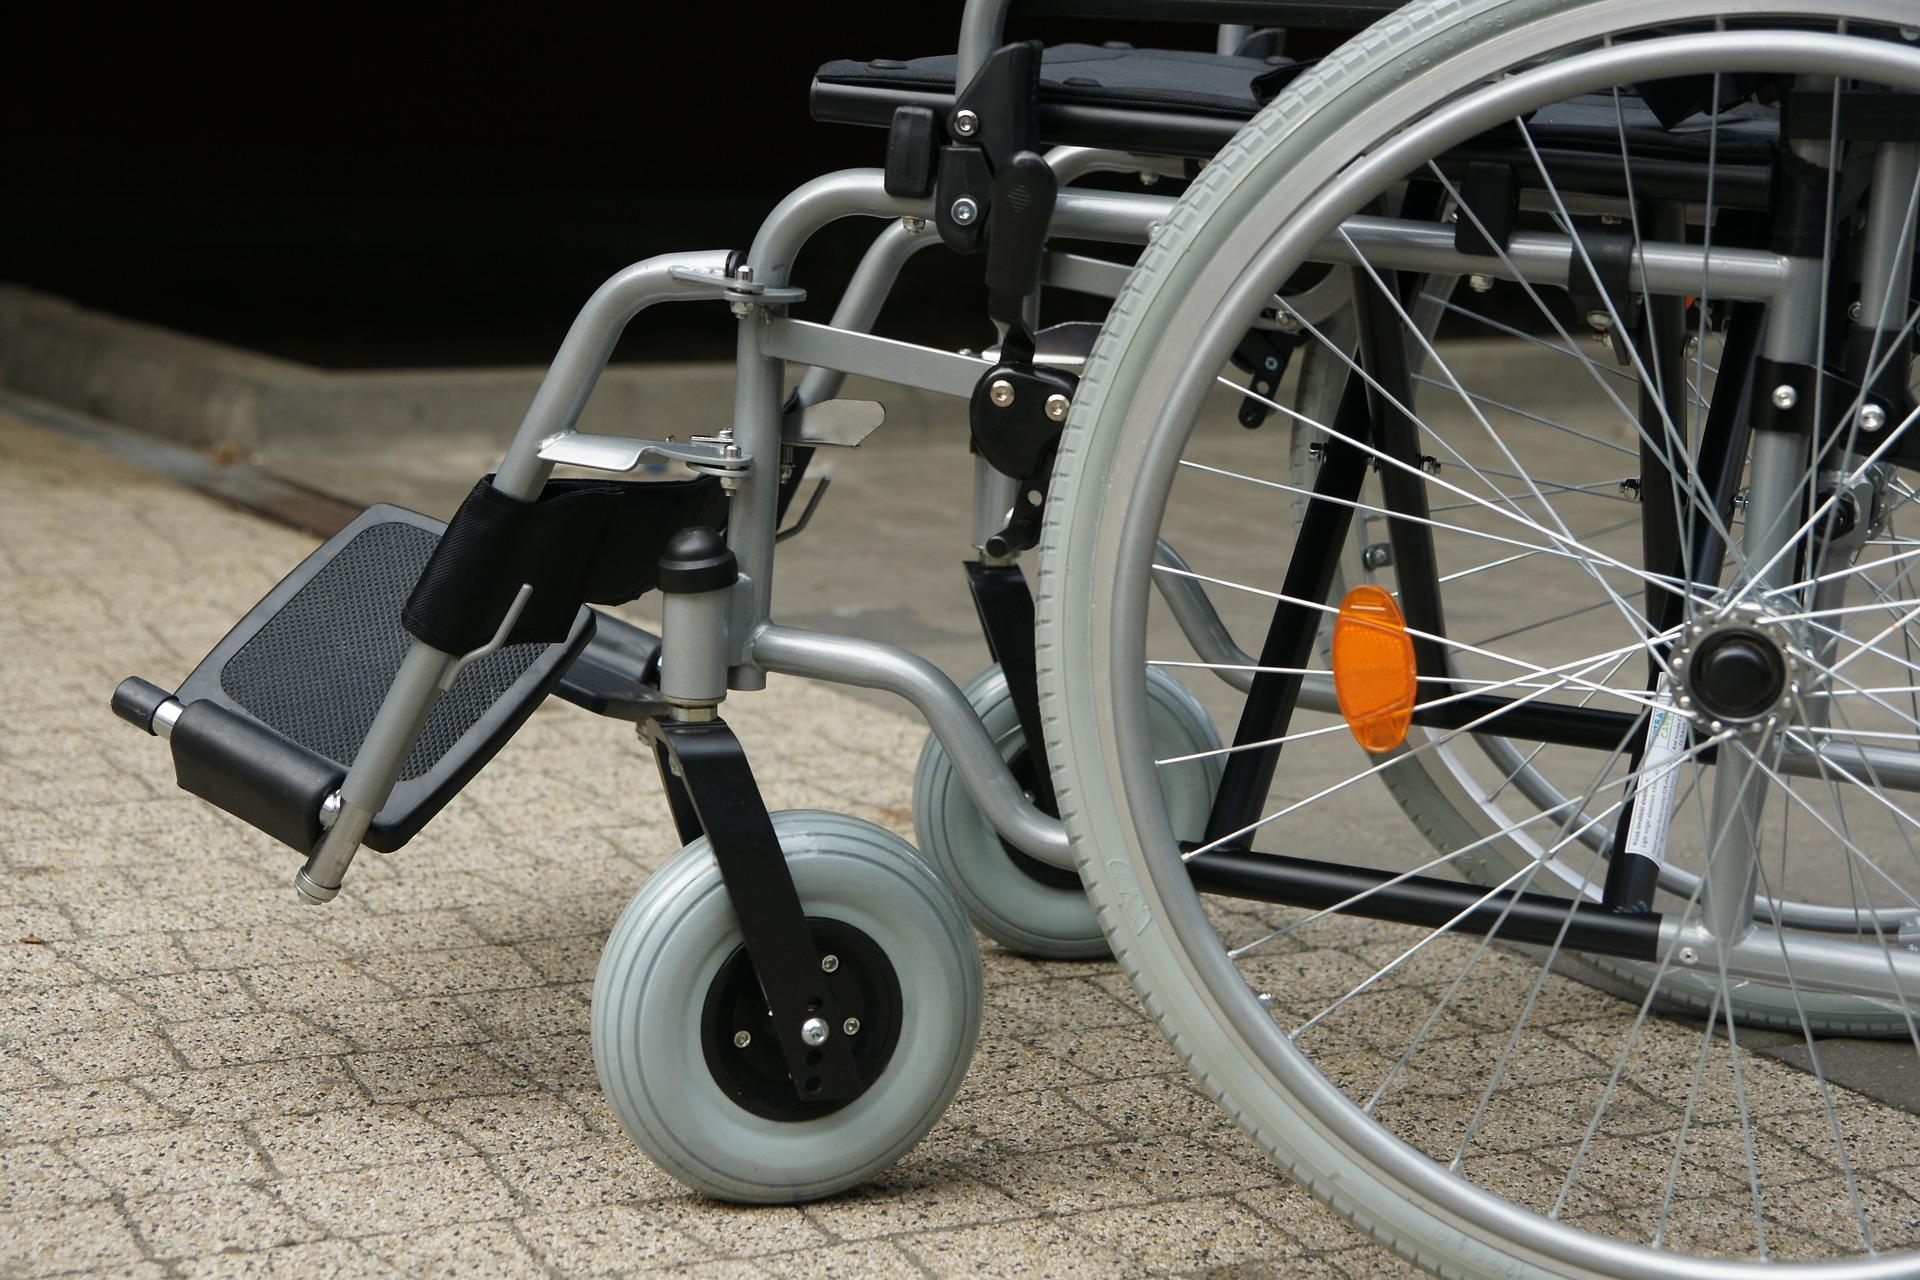 Wsparcie dla osób niepełnosprawnych poszkodowanych w wyniku żywiołu lub choroby zakaźnej